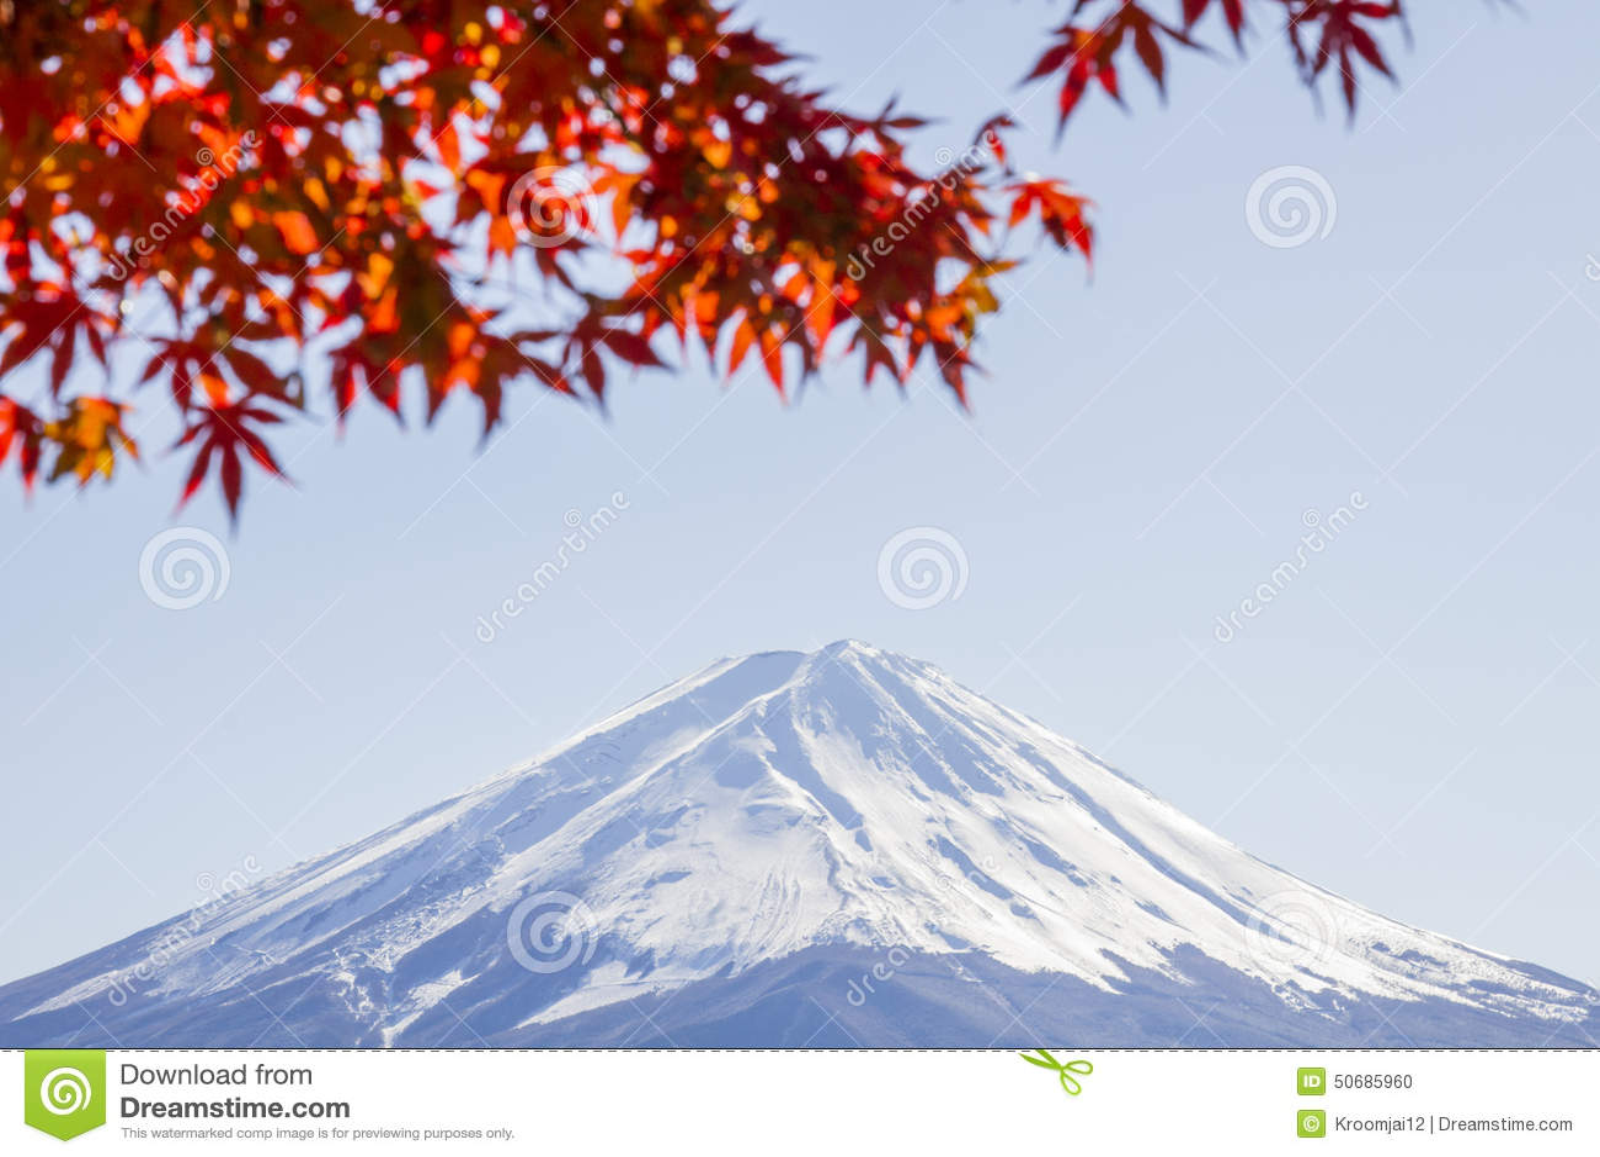 Download 富士mt 库存照片. 图片 包括有 槭树, 空白, 日语, 风景, 挂接, fujiyama, 自治权, 富士 - 50685960